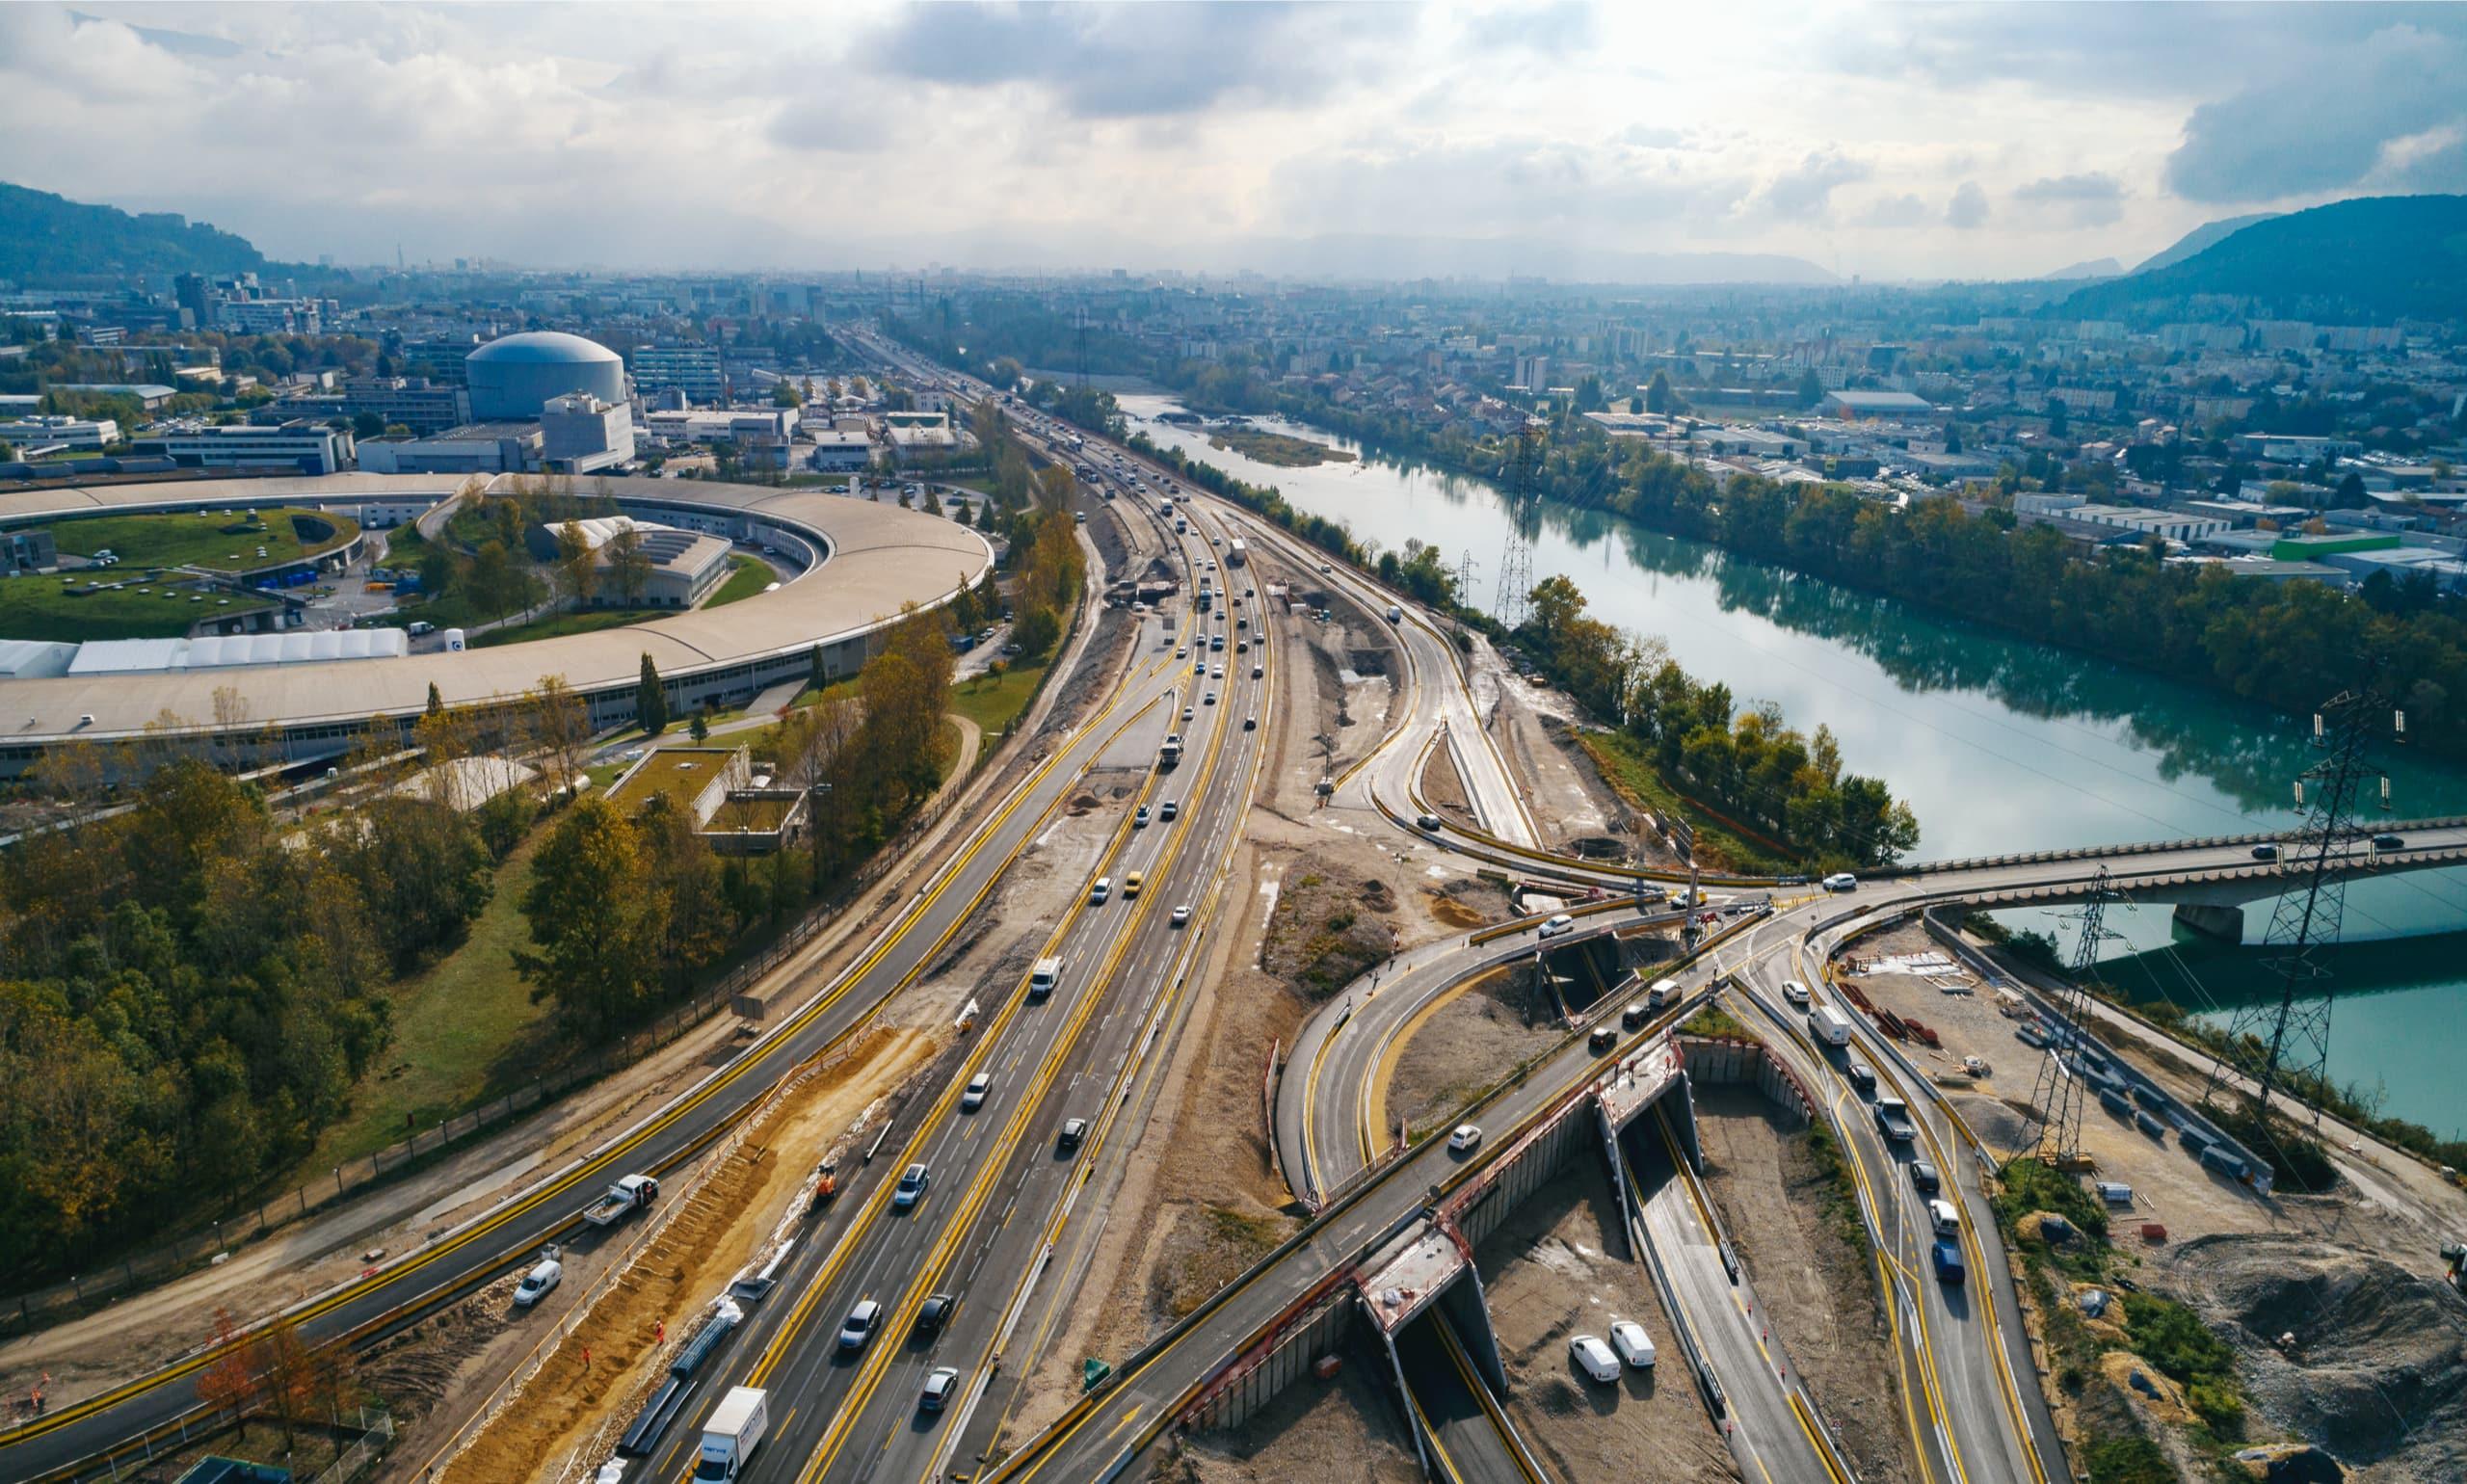 autoroute urbaine A480 traversant l'agglomération grenobloise